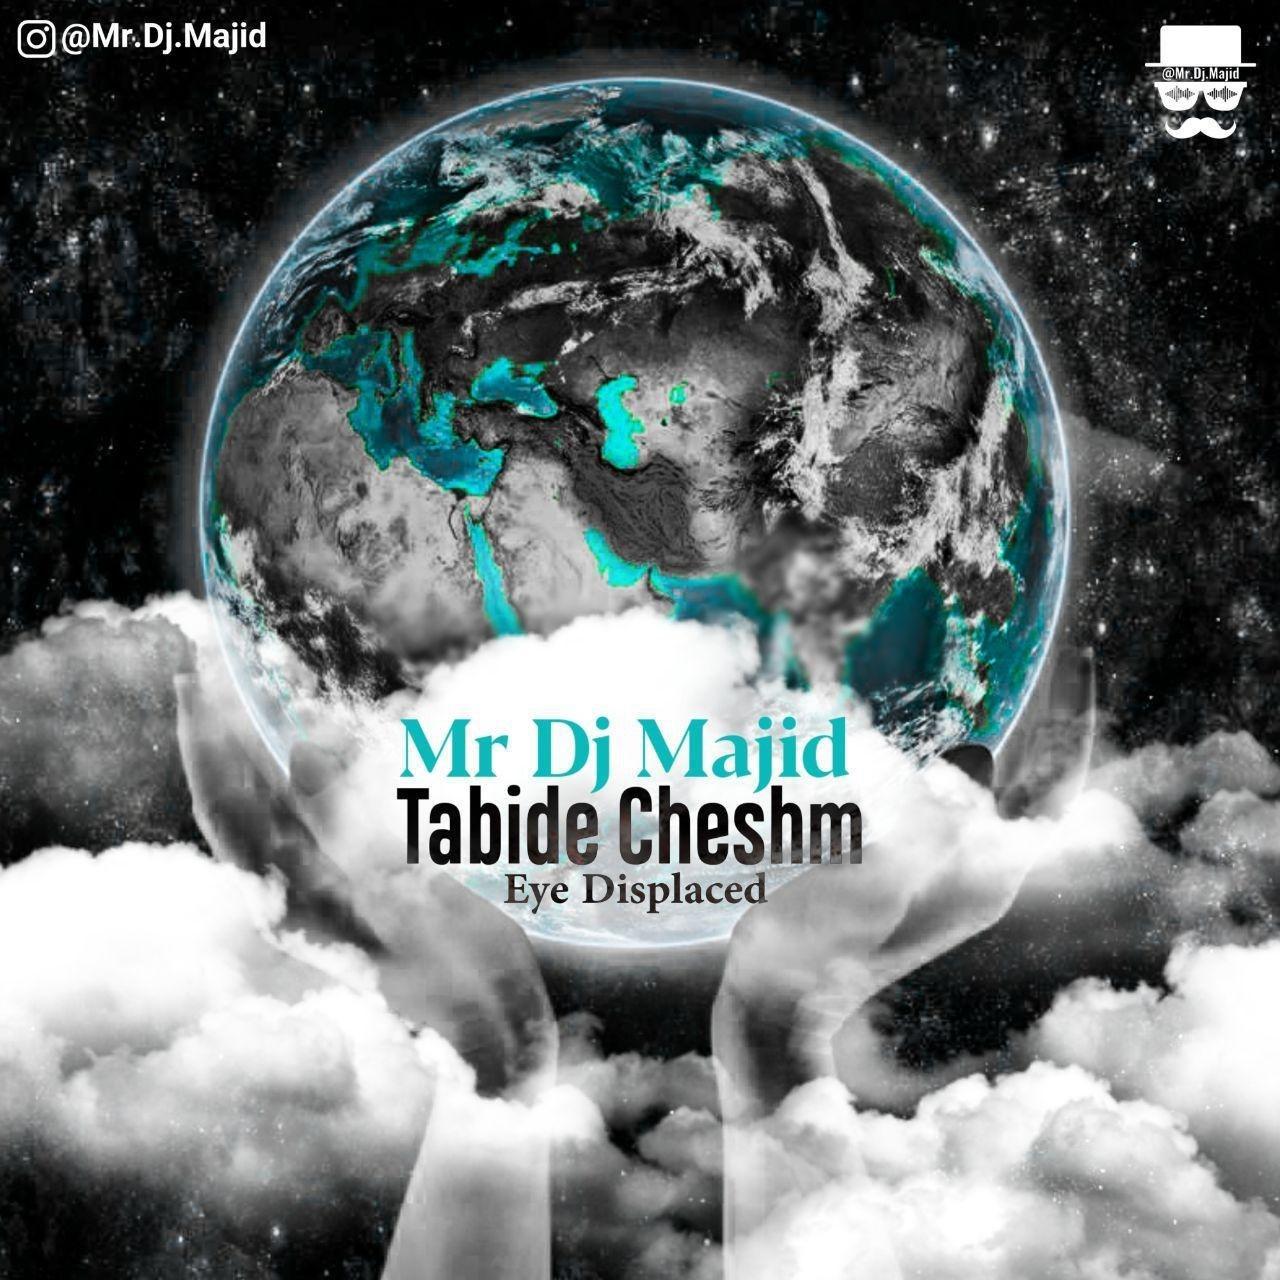 Mr Dj Majid – Tabide Cheshm